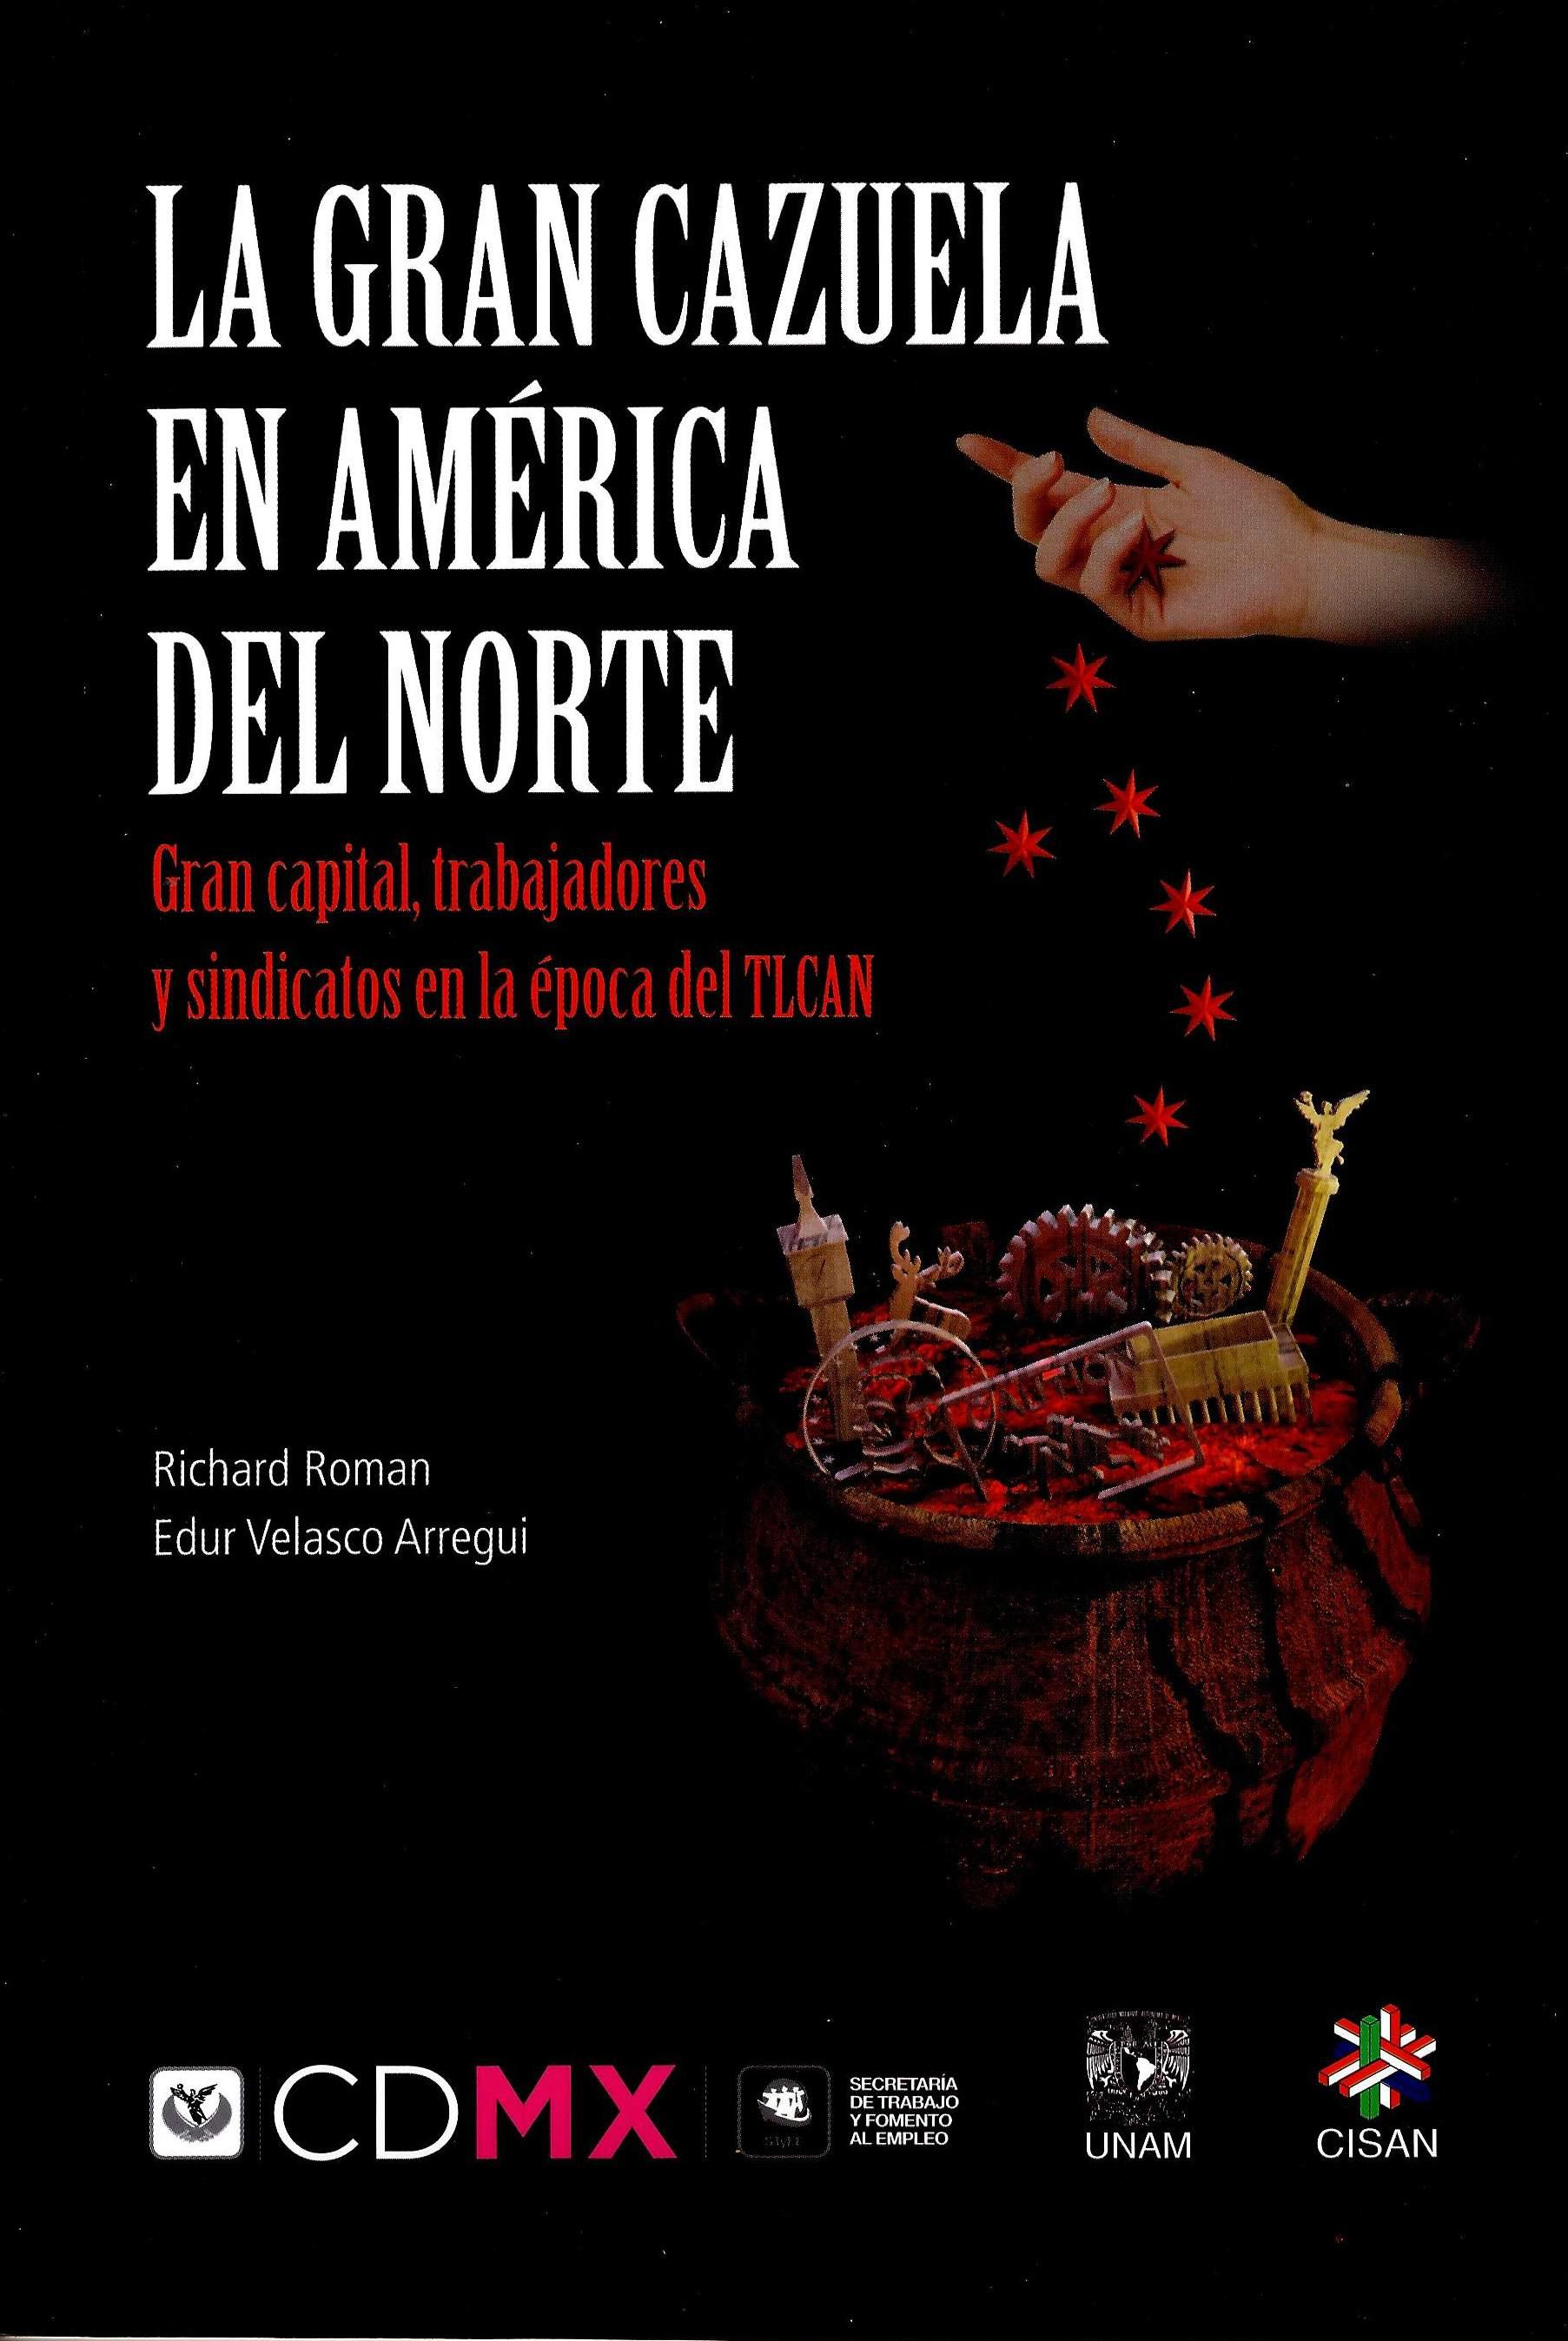 La gran cazuela en América del Norte. Gran capital, trabajadores y sindicatos en la época del TLCAN